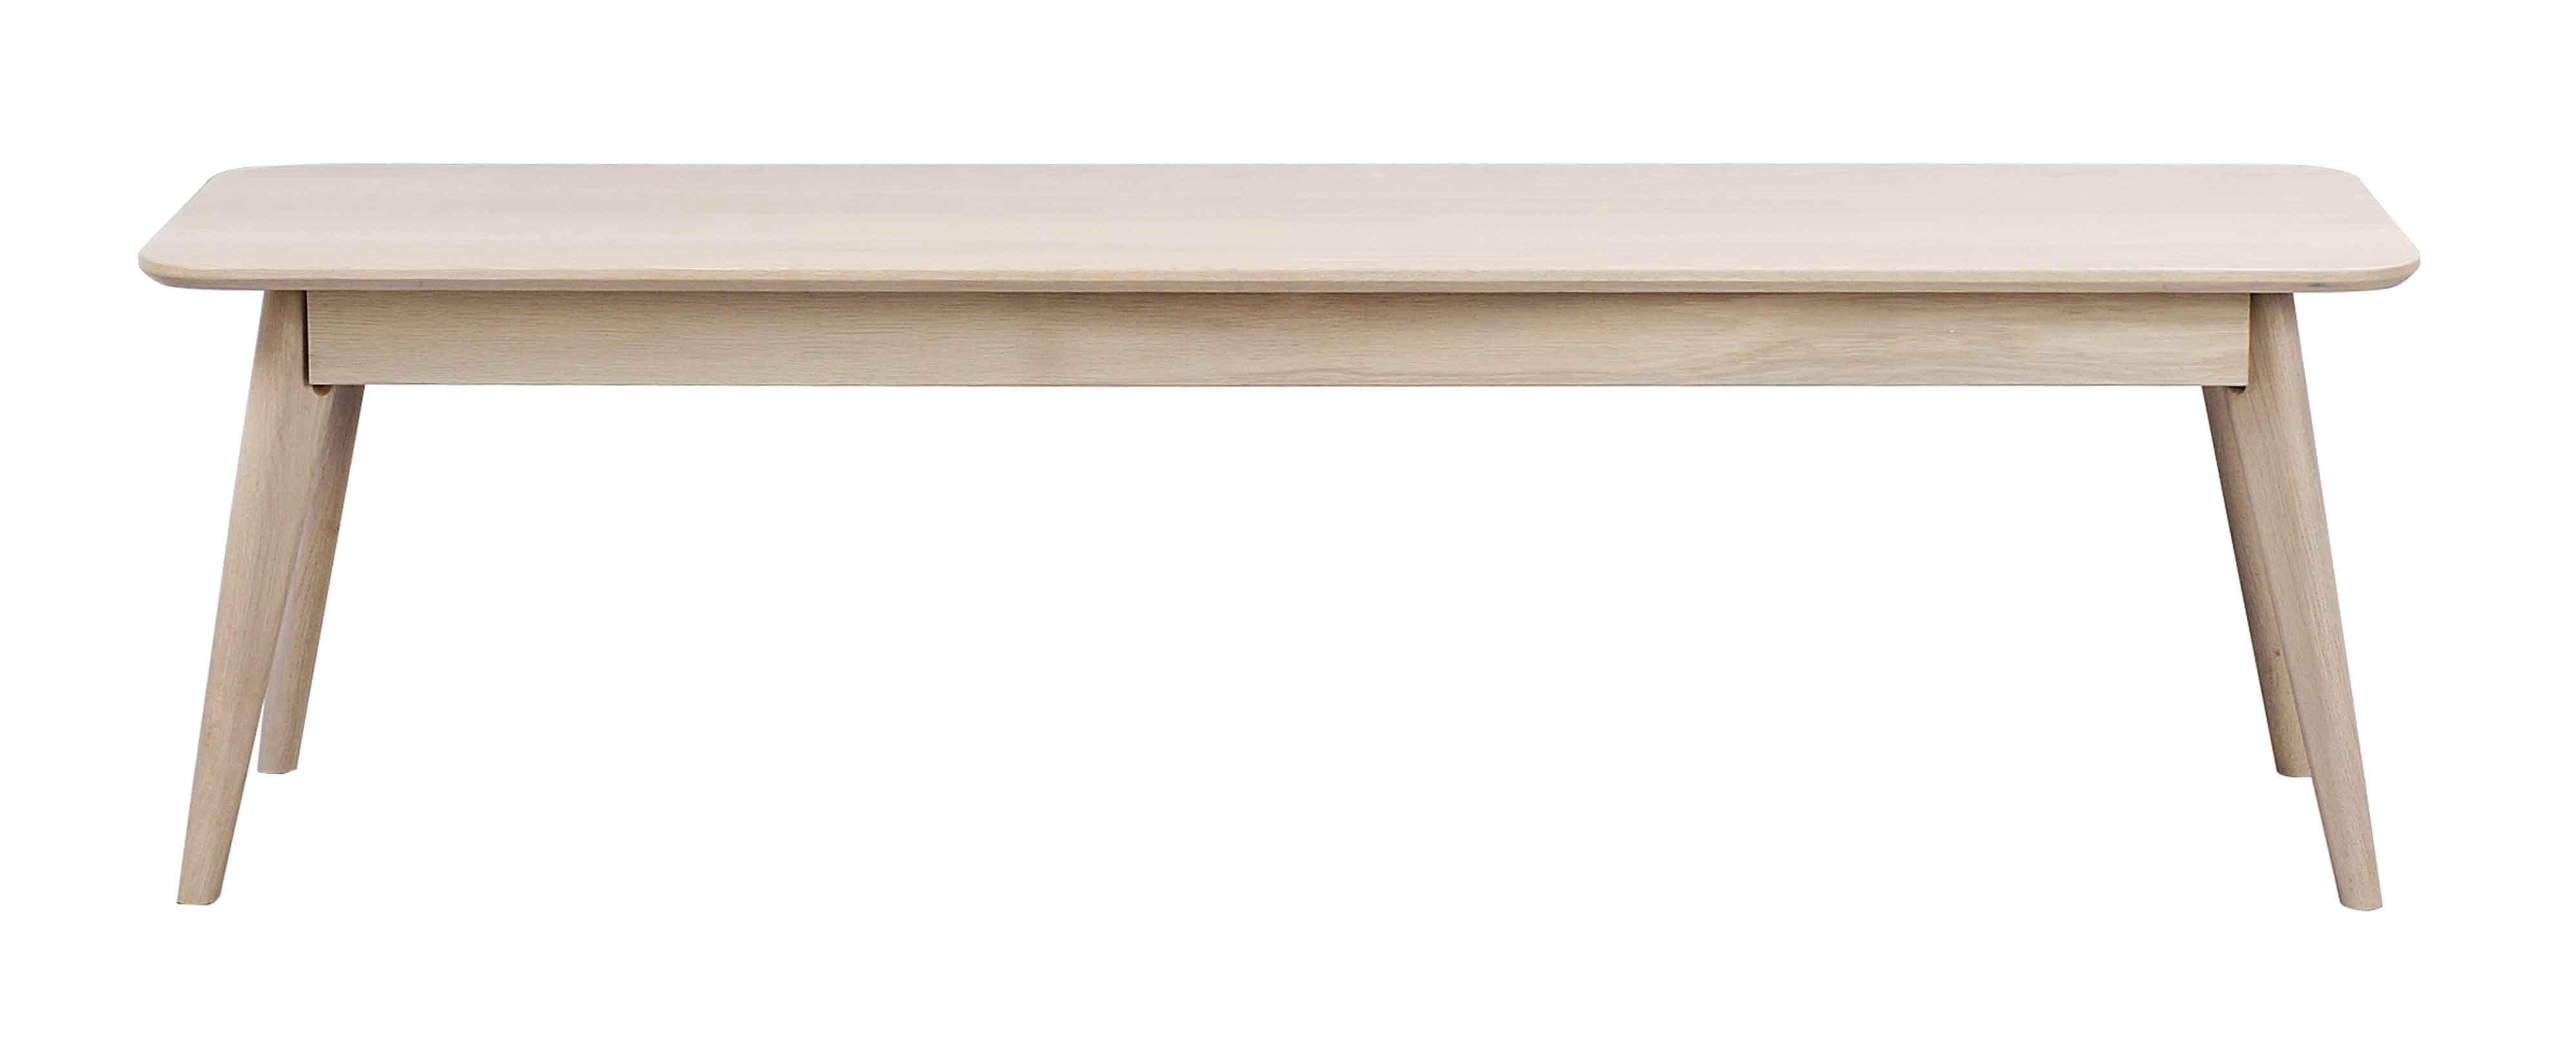 Yumi spisebordsbænk - Hvidpigmenteret egetræ